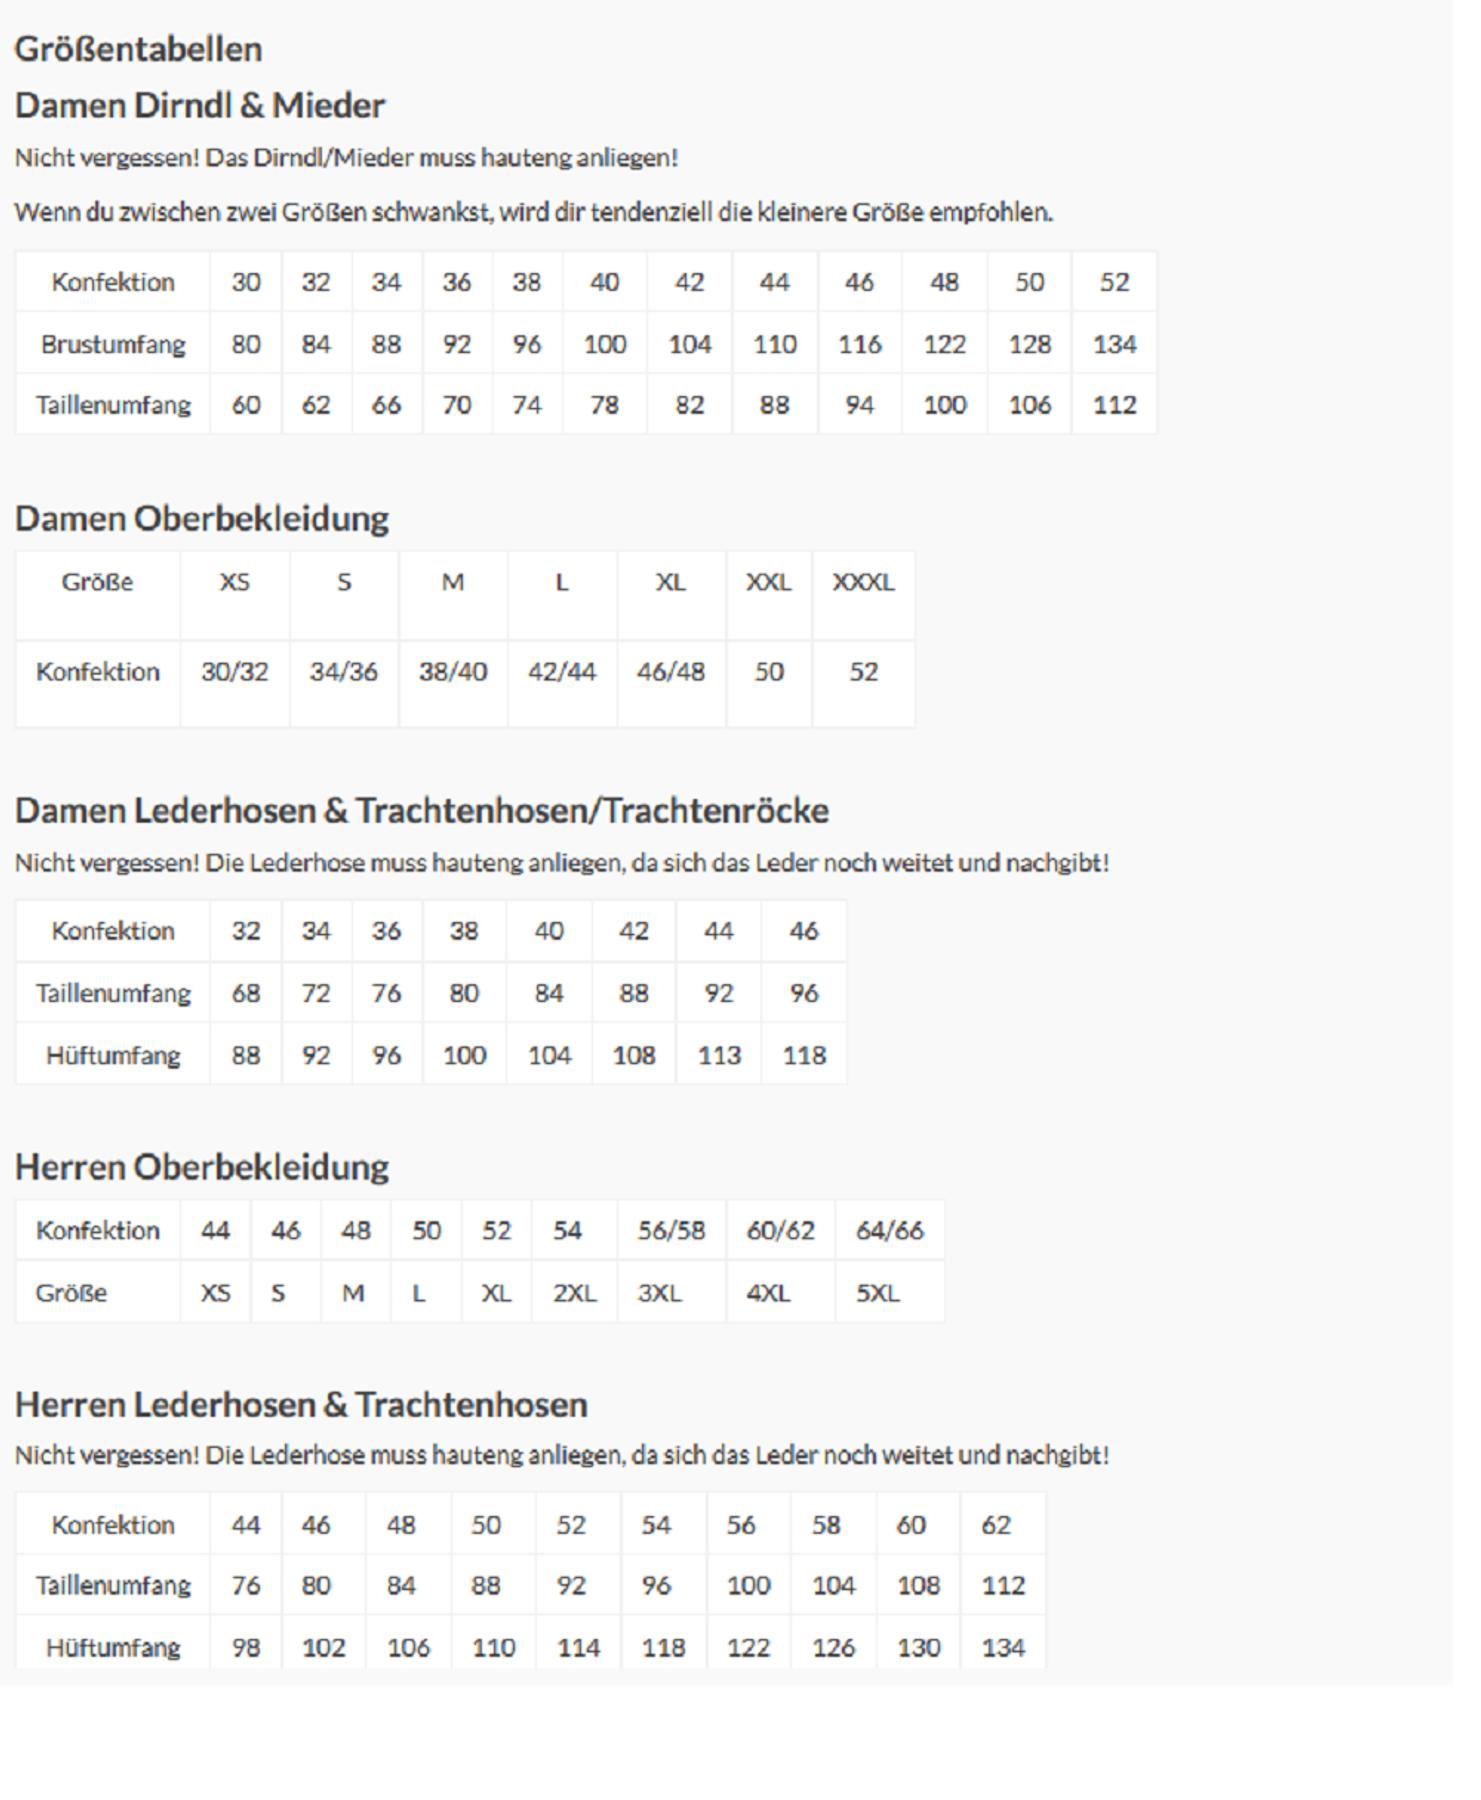 Krüger - Damen Trachtenhose im Kniebund-Lederhosen-Look in Braun, Array Joggers (Artikelnummer: 38310-7) – Bild 5